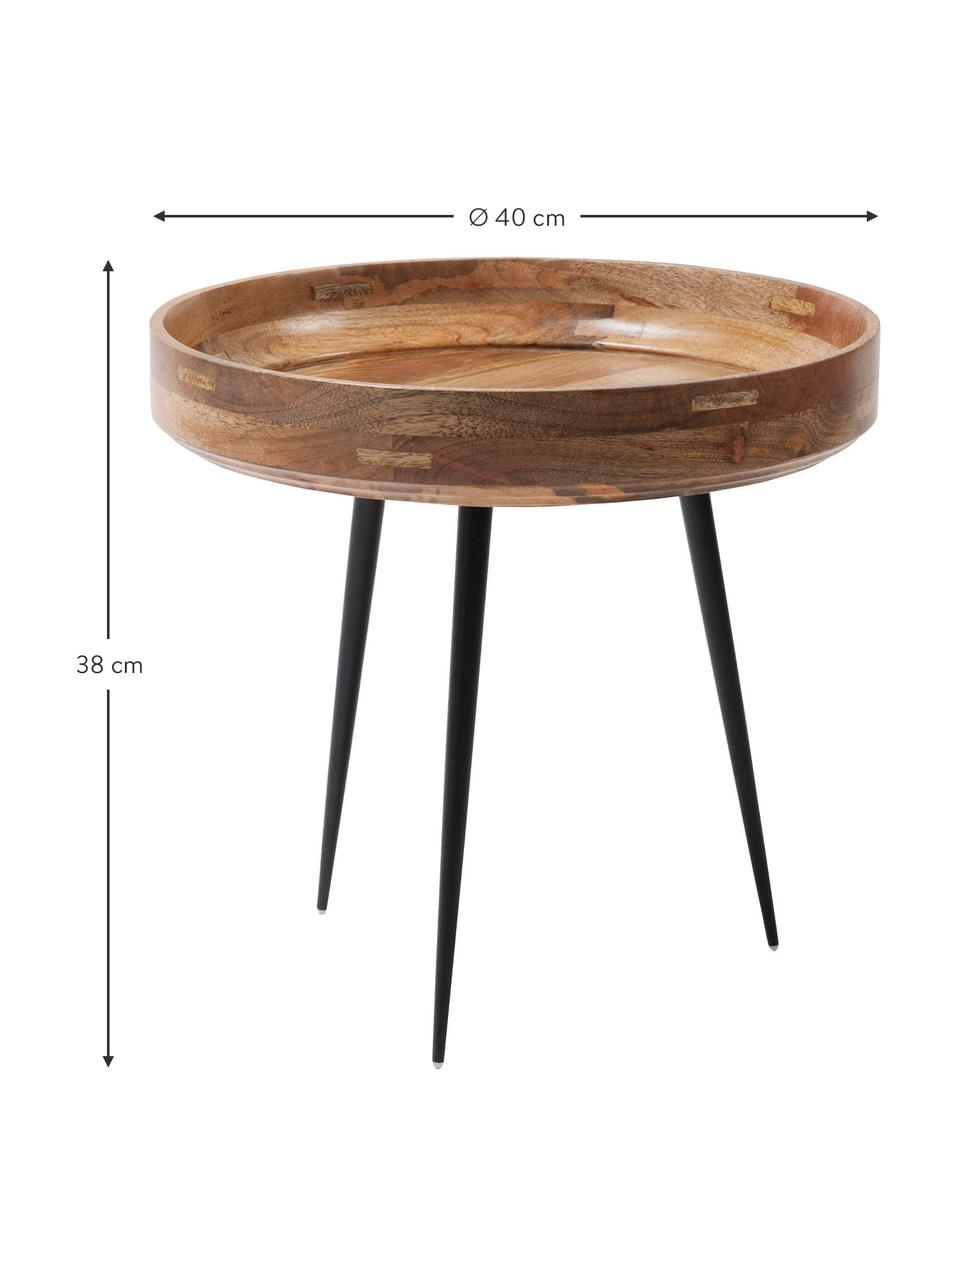 Petite table d'appoint design en bois de manguier Bowl Table, Manguier, noir